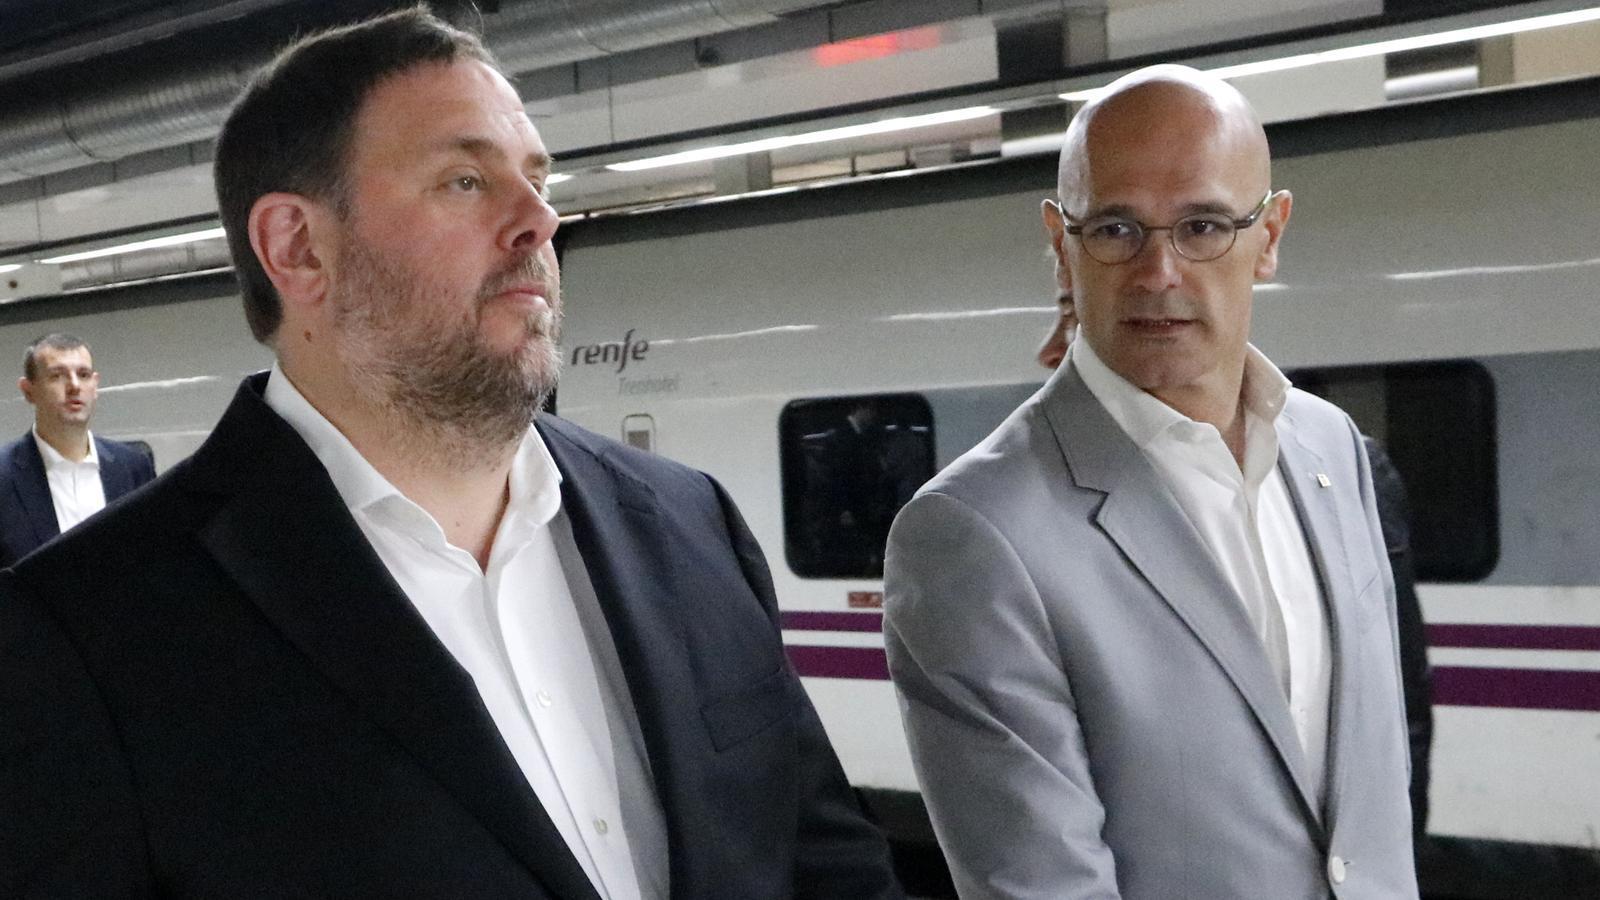 El vicepresident econòmic del Govern, Oriol Juqnueras, i el conseller d'Afers Exteriors, Raül Romeva, en una imatge d'arxiu